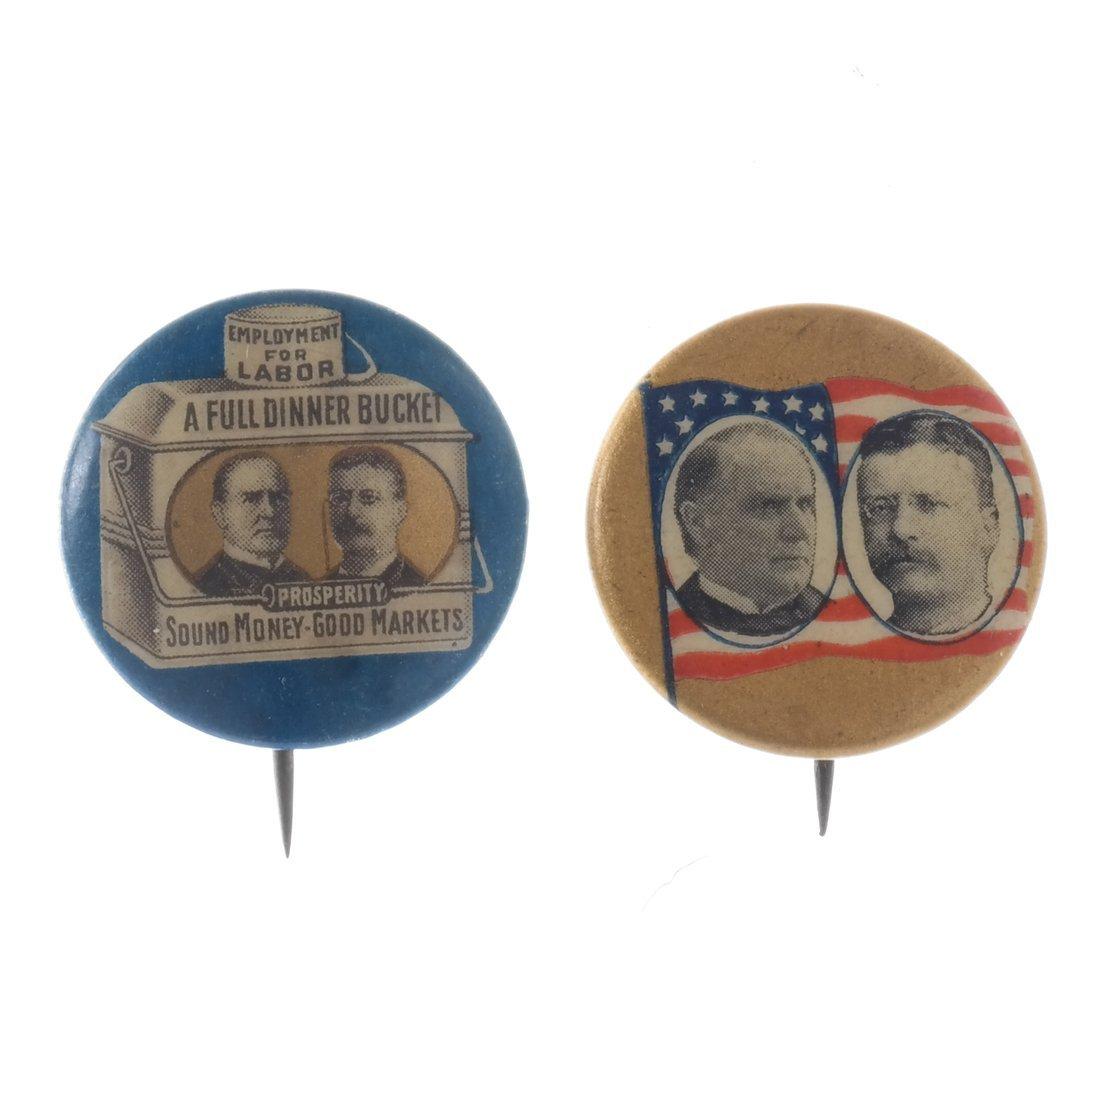 Wm. McKinley, Hobart, and Roosvelt - 1896 & 1900 - 4